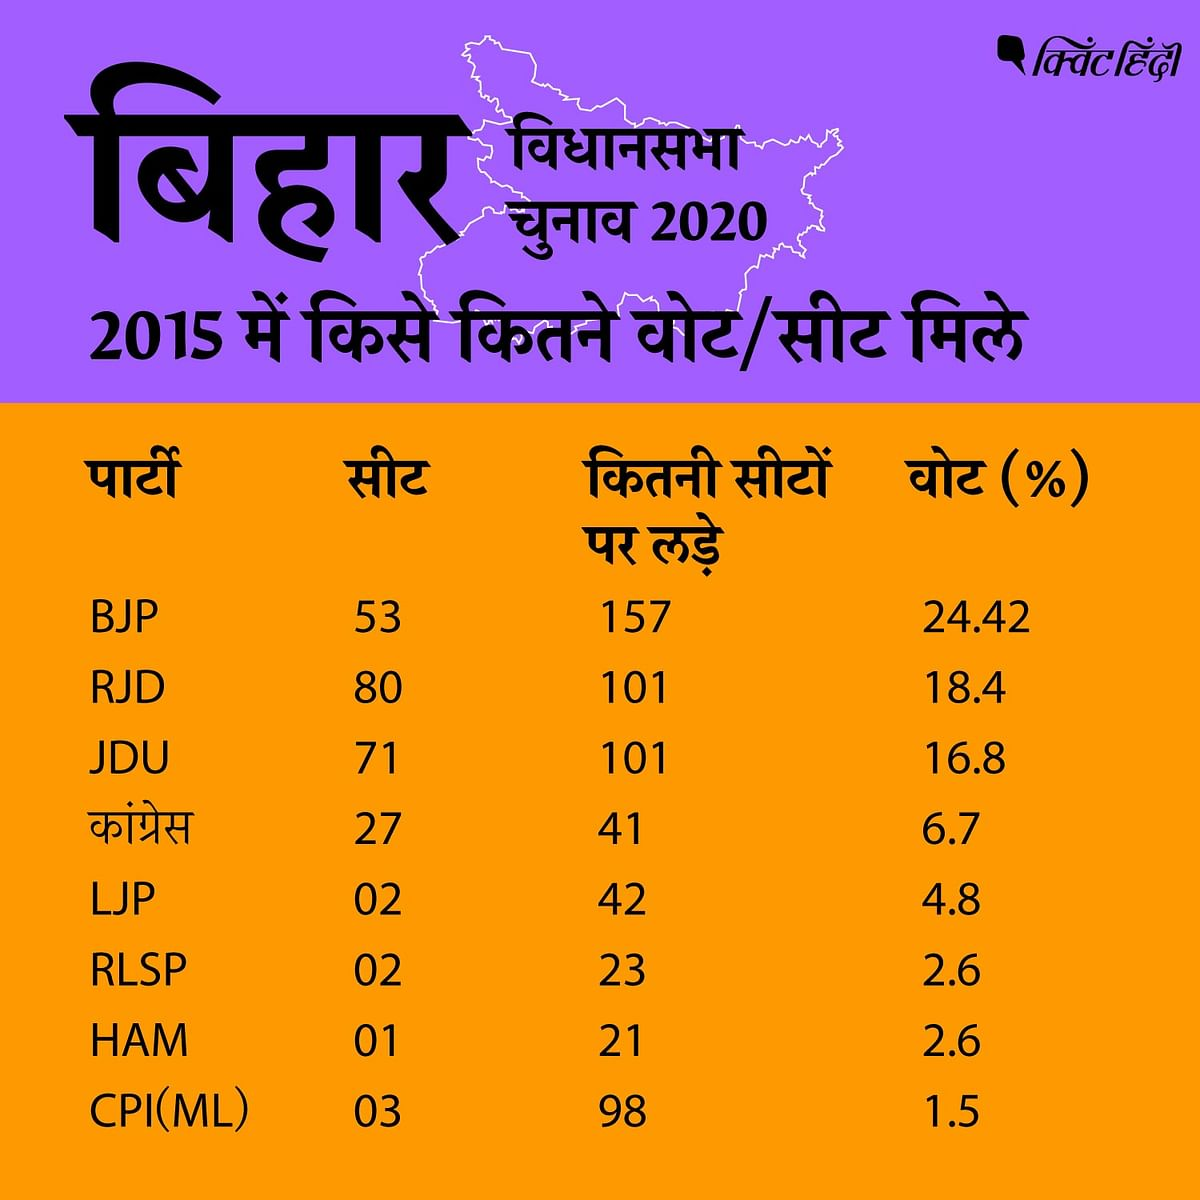 बिहार चुनाव से जुड़ी हर जानकारी:कितनी सीट,कितने वोटर,किसमें टक्कर?